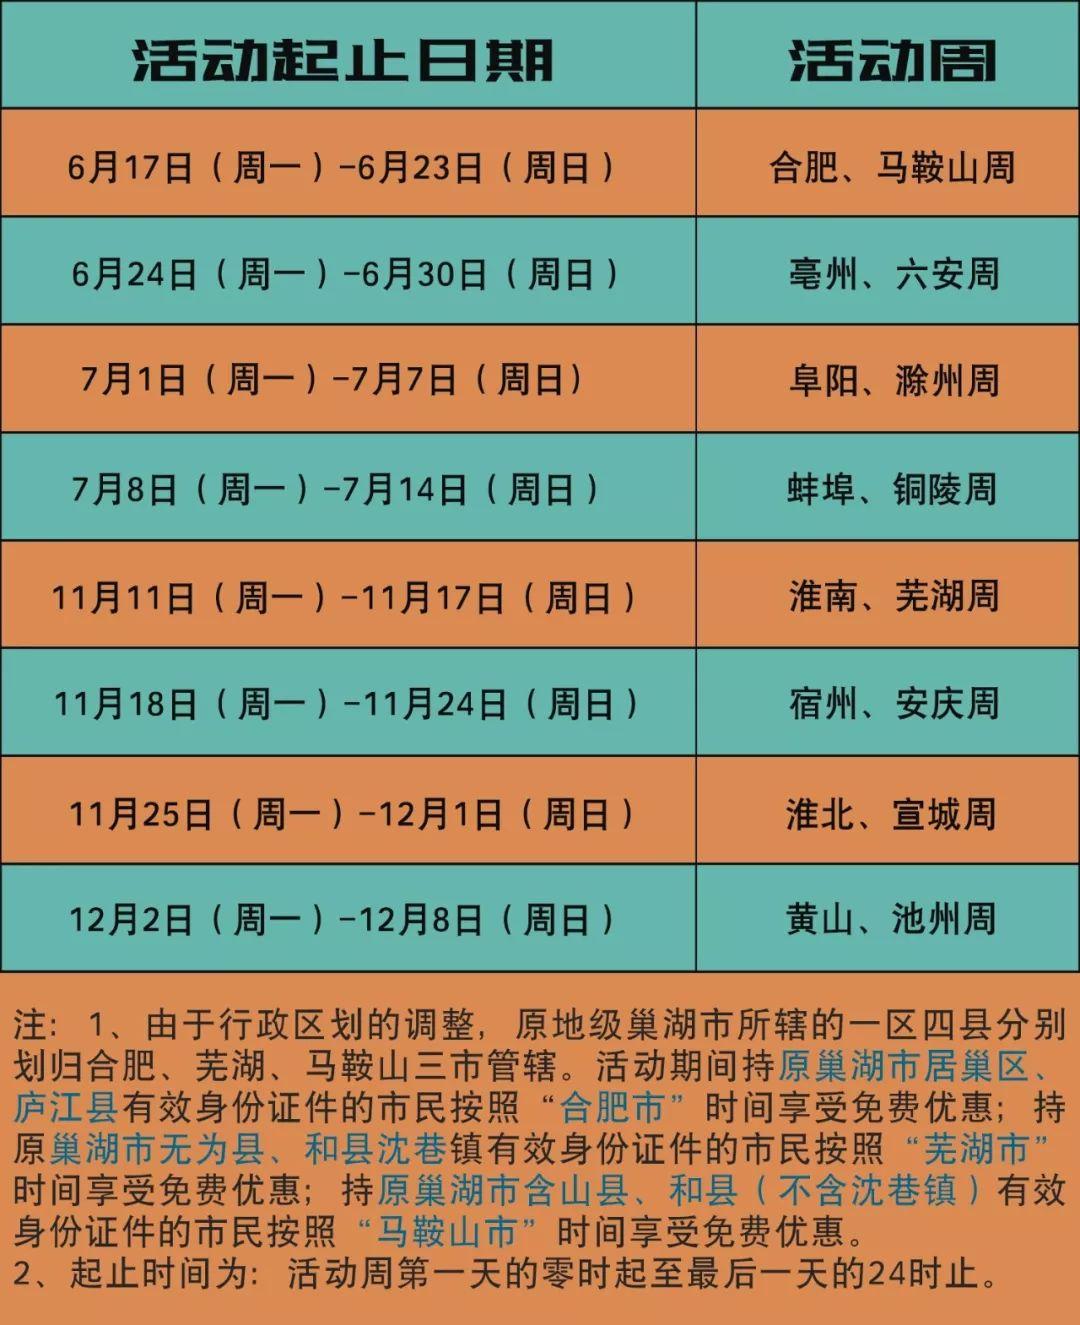 宿州停电公告(5.24)/55个徽风书报亭被撤销/免门票游九华山